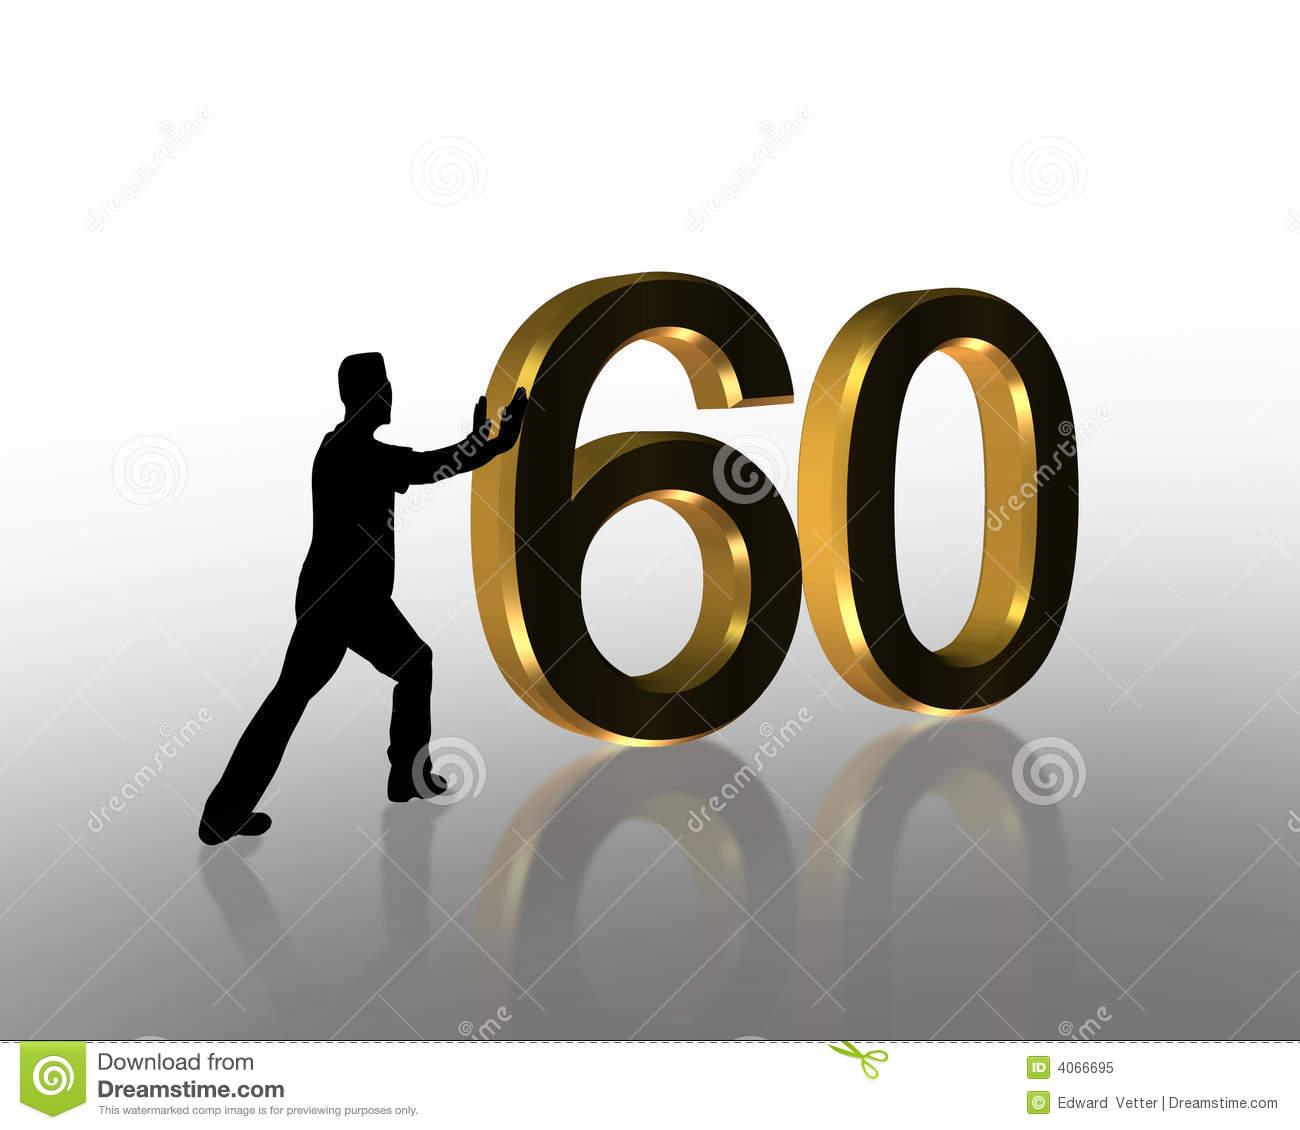 3d-нажимать-60-дней-рождения-графический-4066695.jpg